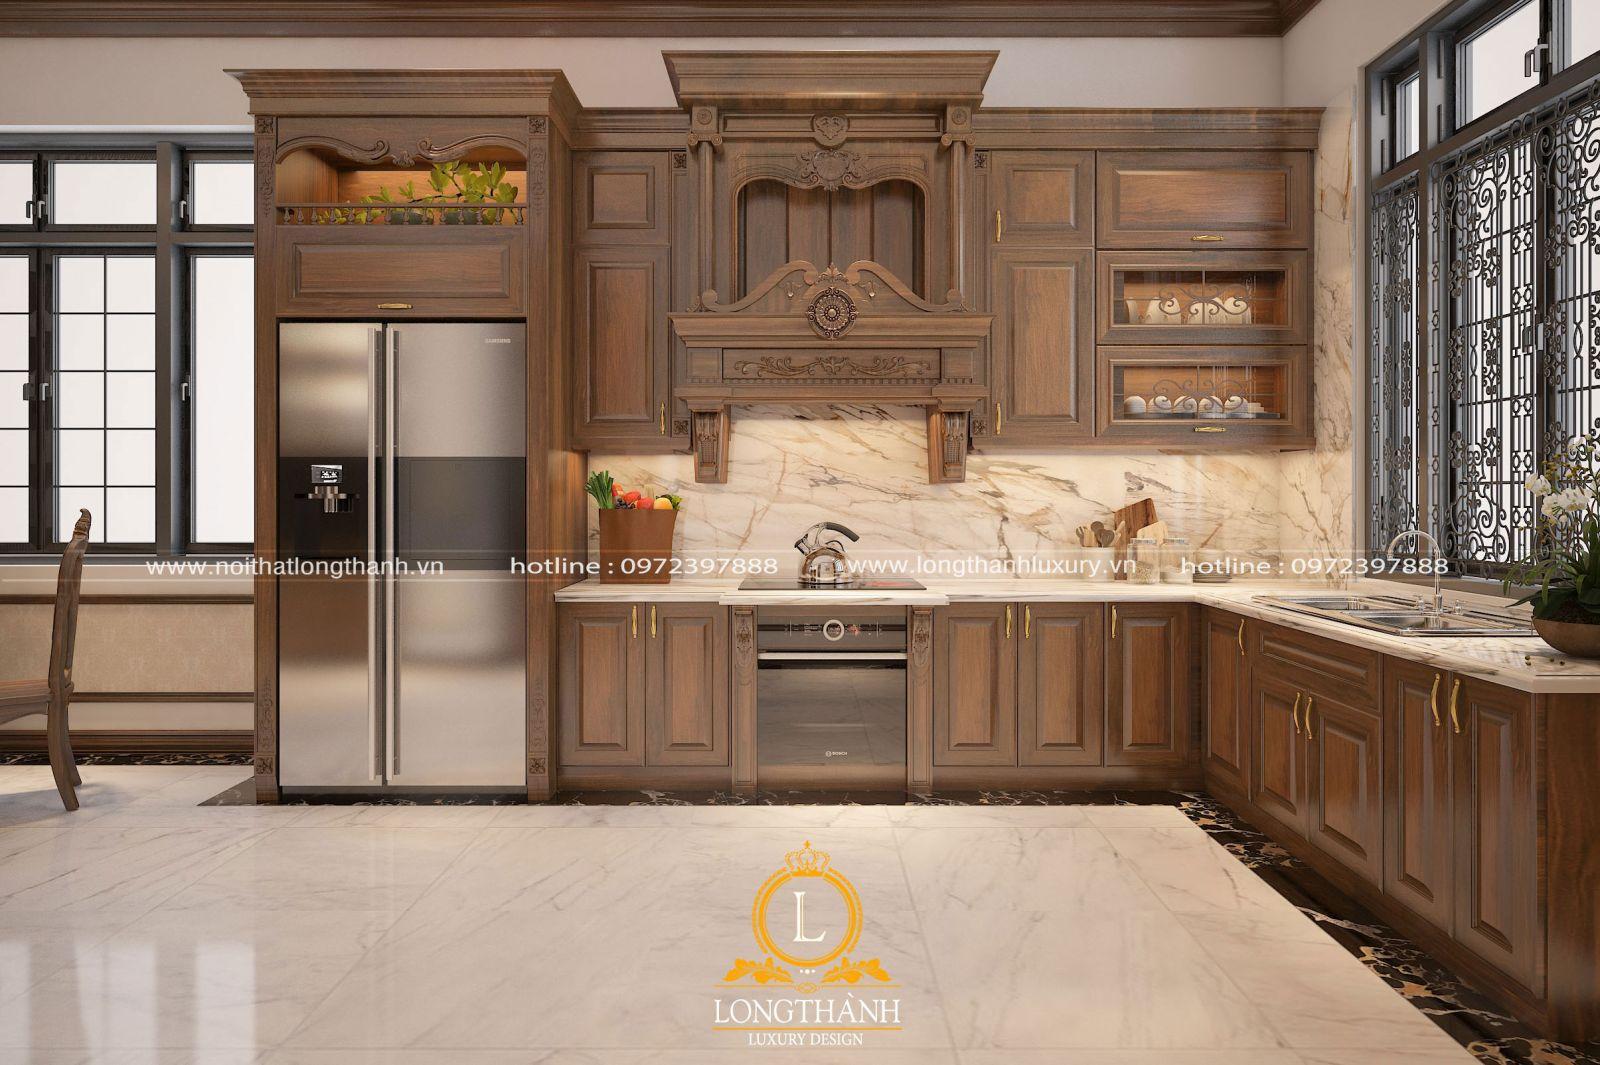 Tủ bếp gỗ tự tự nhiên luôn có độ chắc chắn và bếp đẹp theo thời gian